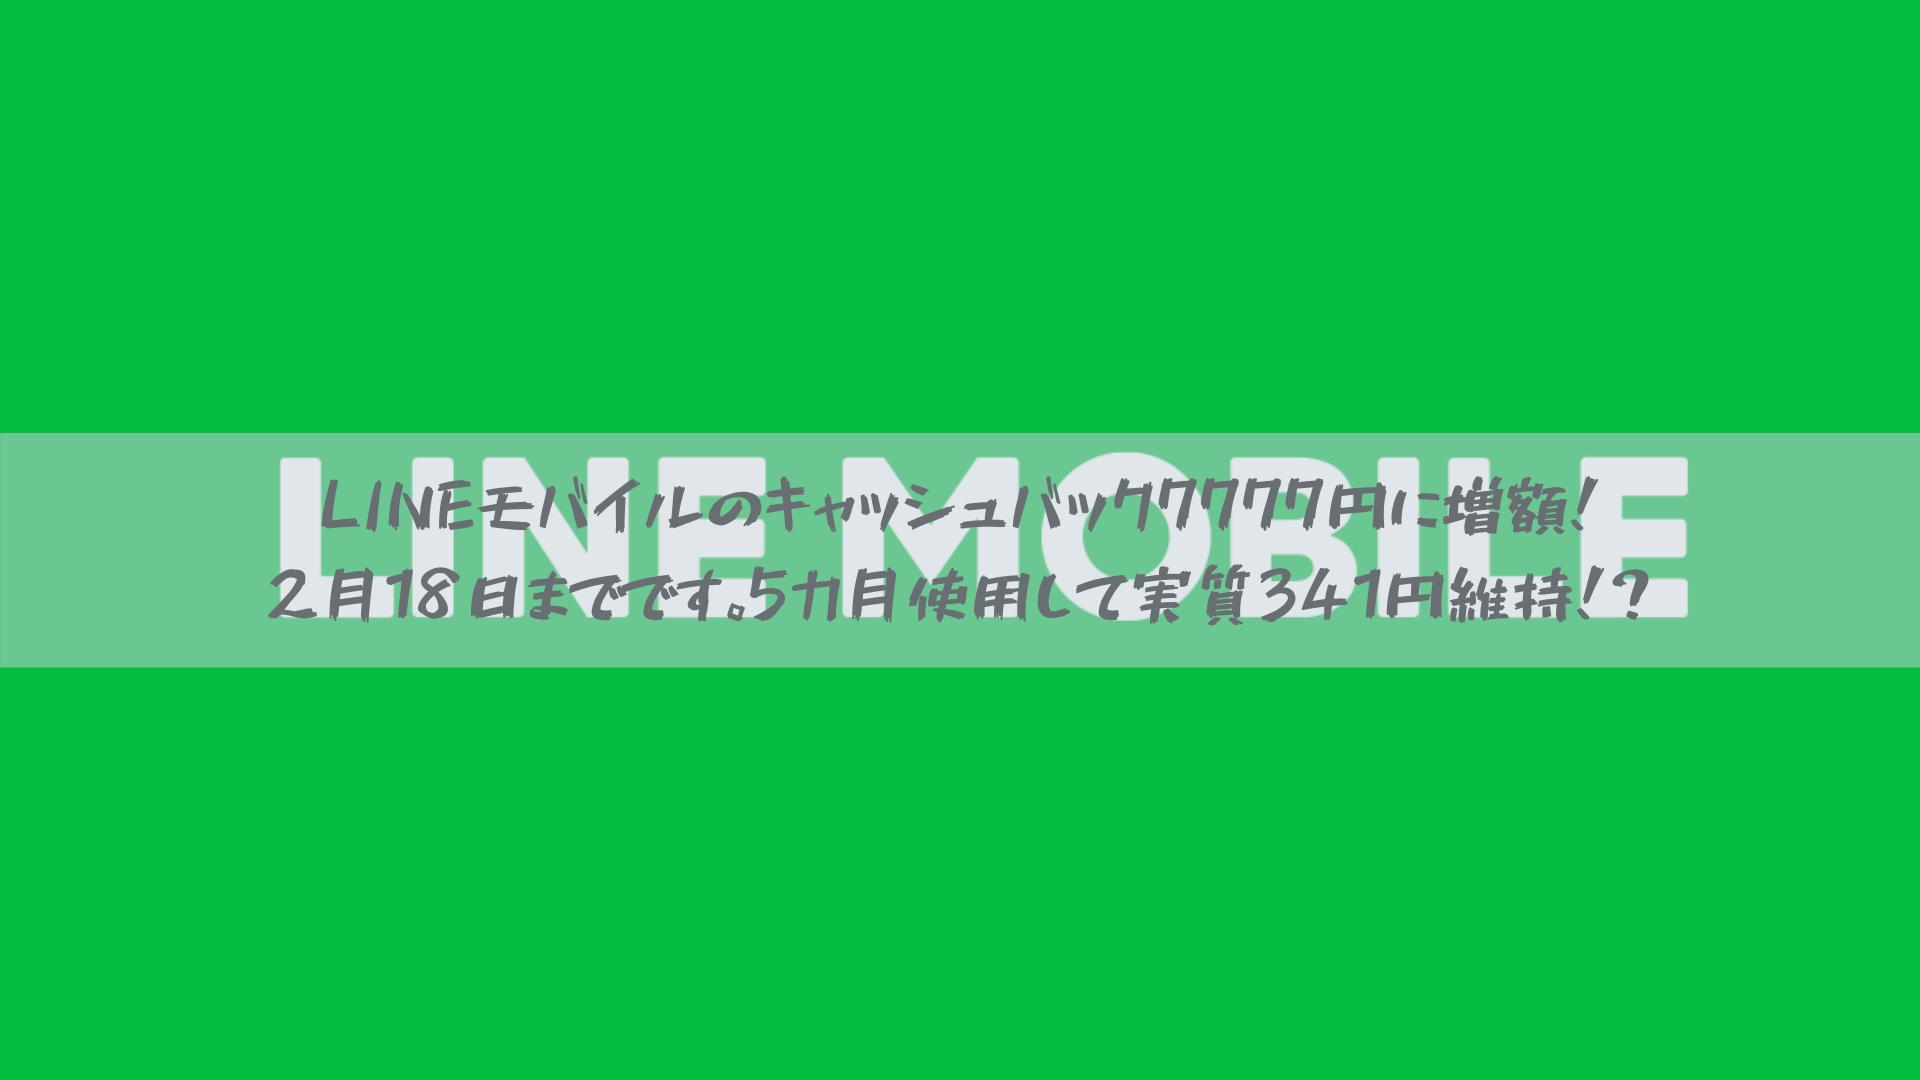 LINEモバイルのキャッシュバック7777円に増額!2月18日までです。5カ月使用して実質341円維持!?